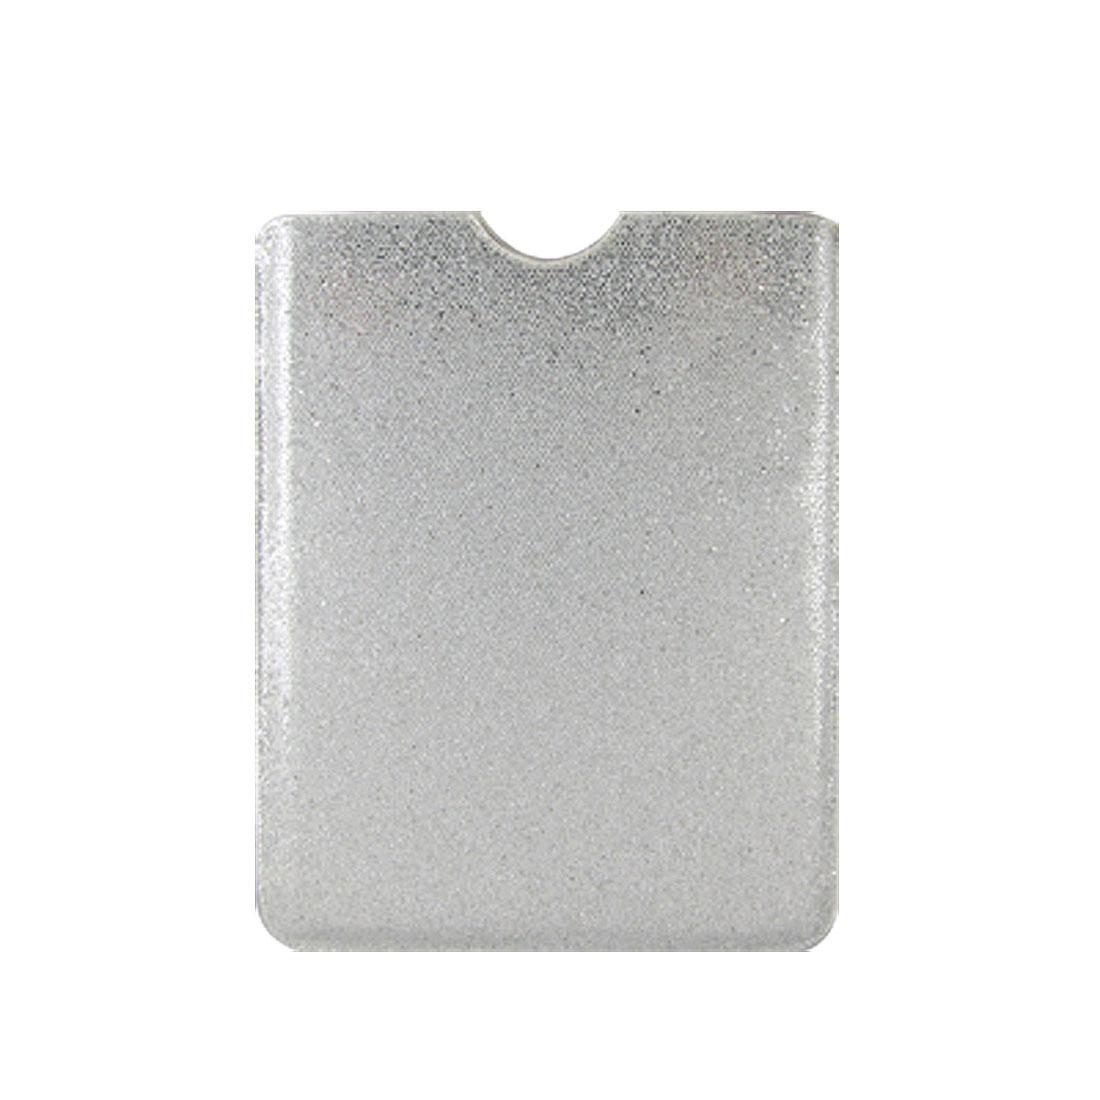 Glittery Silver Tone Sequin Case Pouch